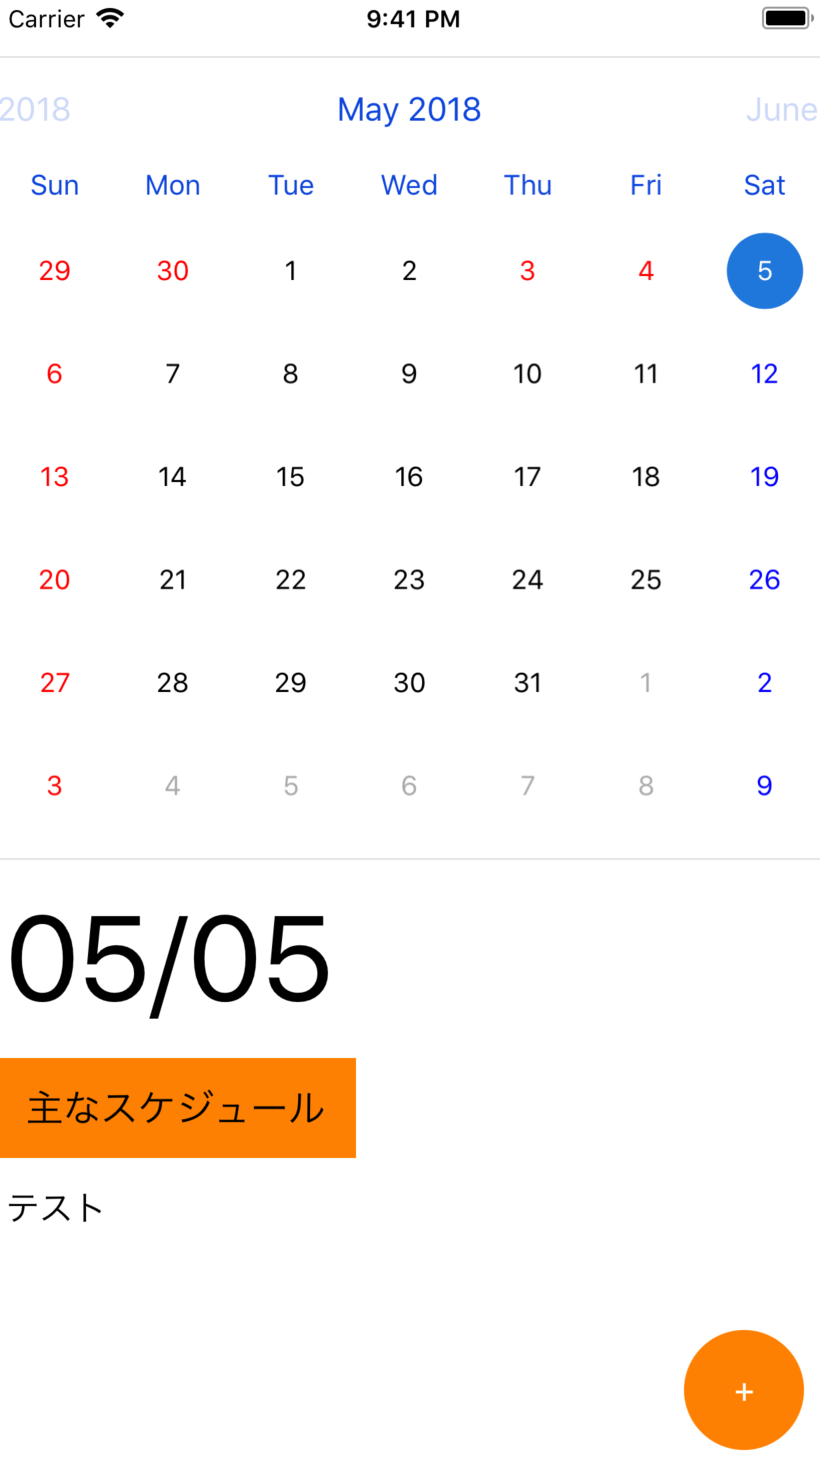 スクリーンショット 2018-05-04 21.41.02.png